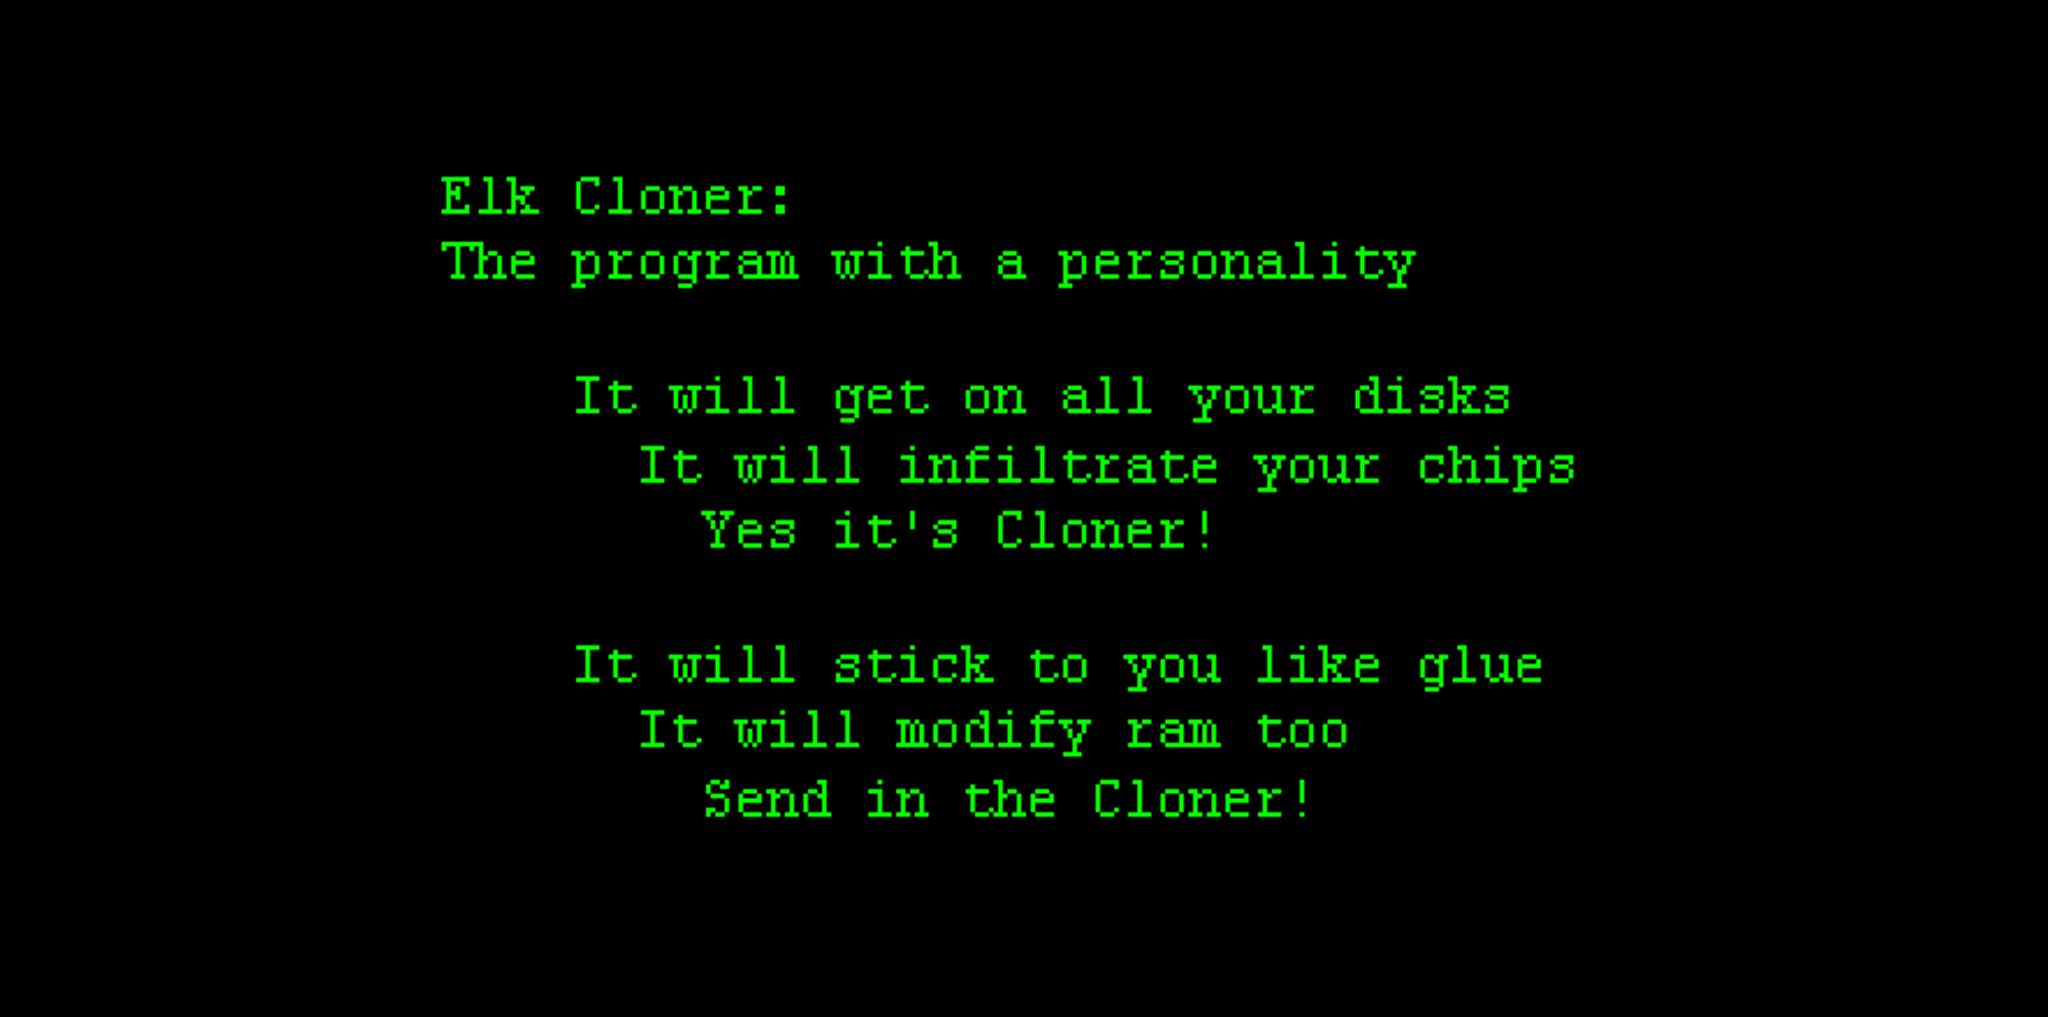 Example of Elk Cloner Computer Virus